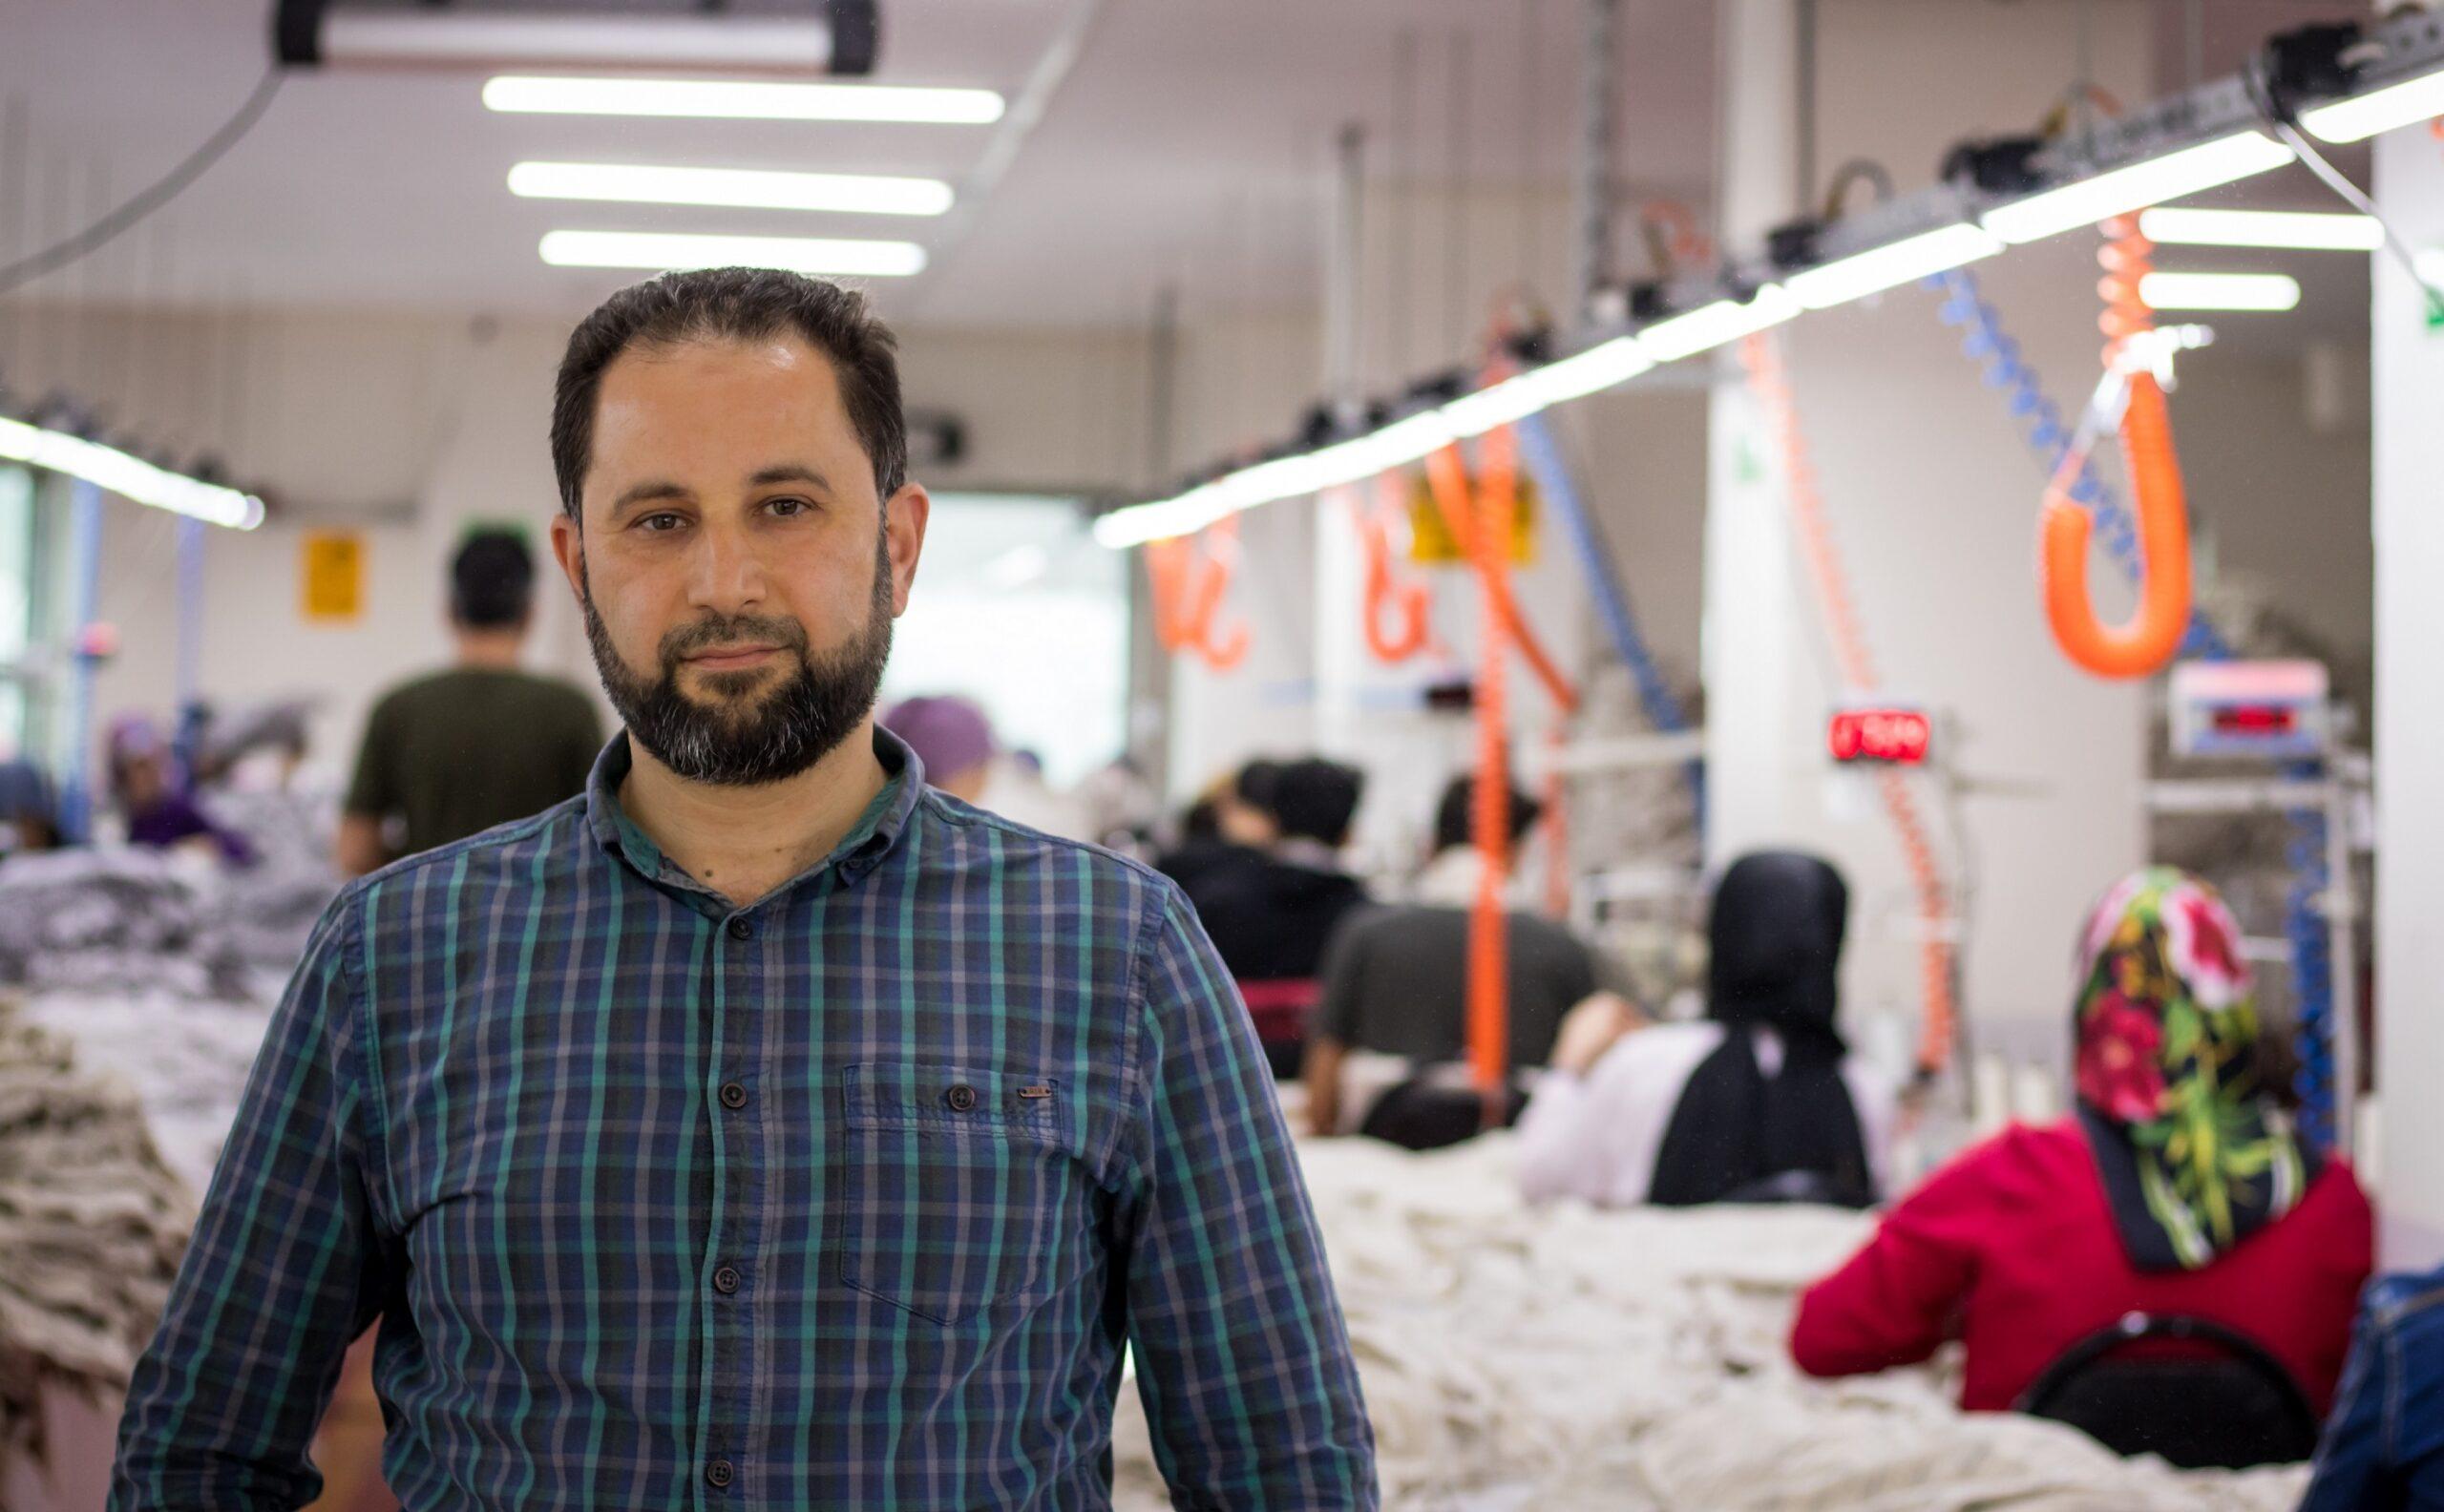 Suriyeli işletmeler, Türkiye'nin Ortadoğu pazarında daha etkili olabilmesinde rol alabilir